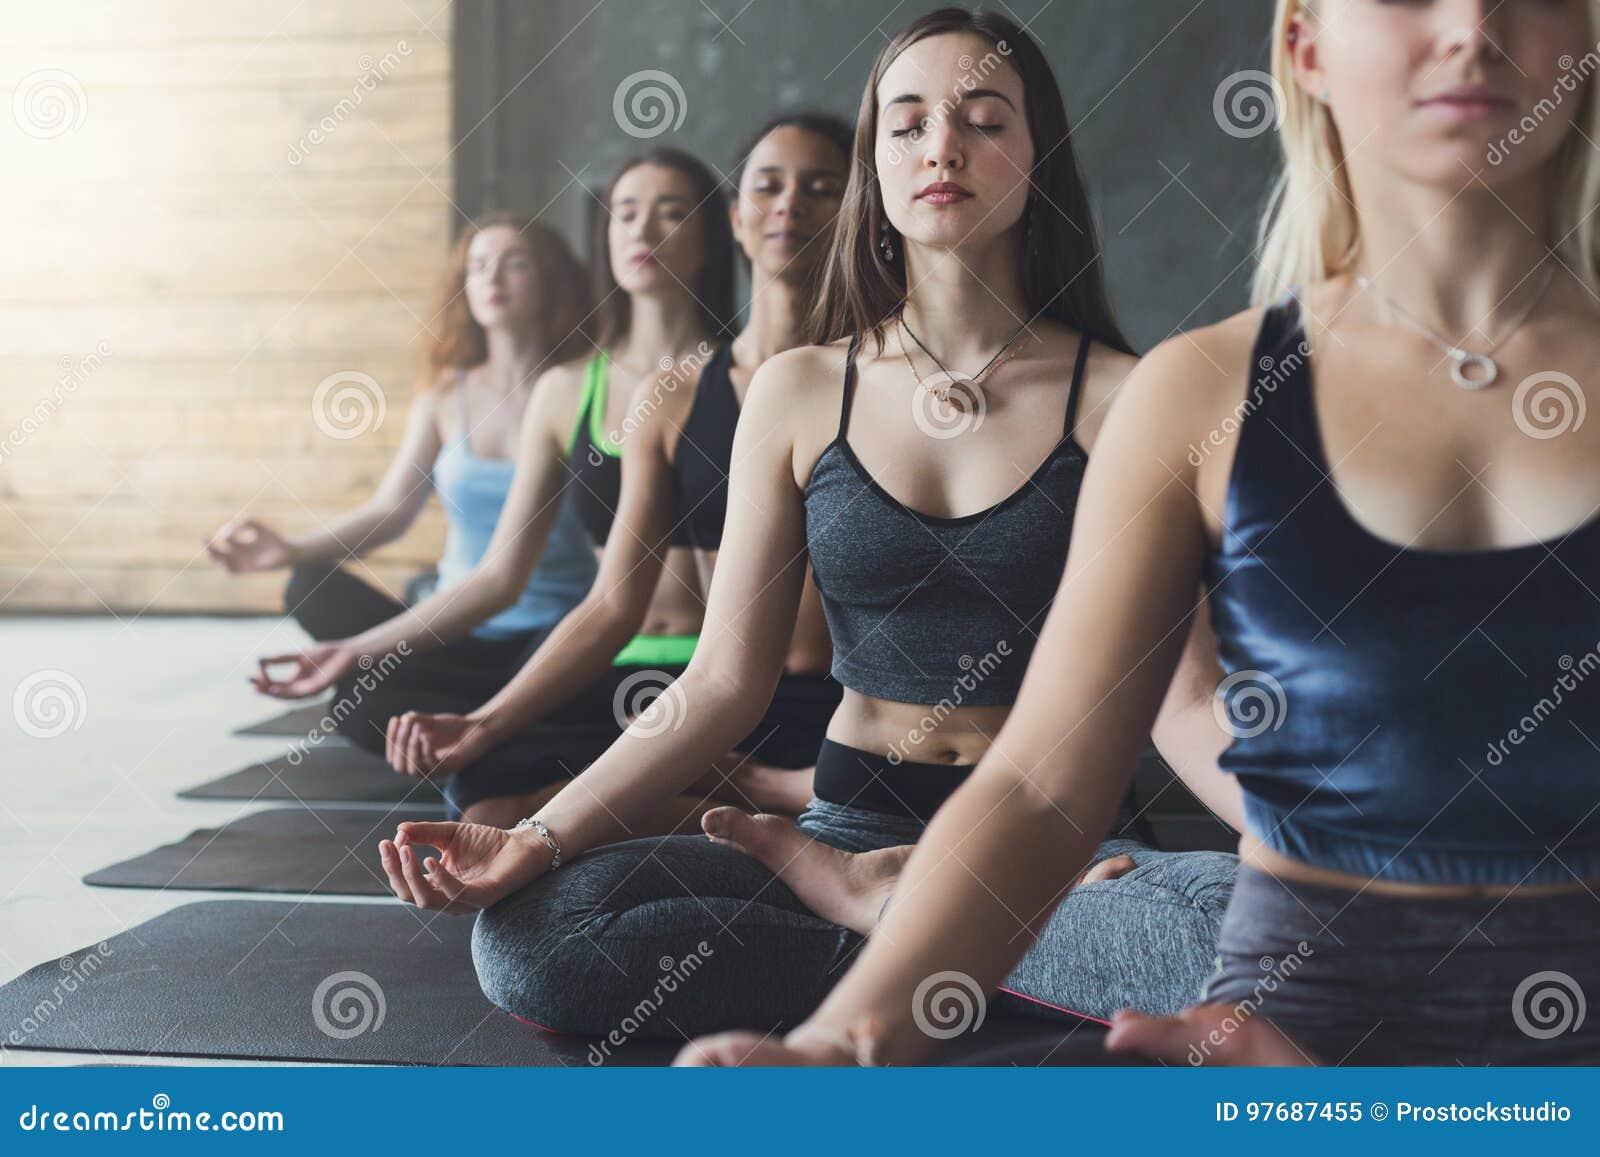 Молодые женщины в занятиях йогой, ослабляют представление раздумья